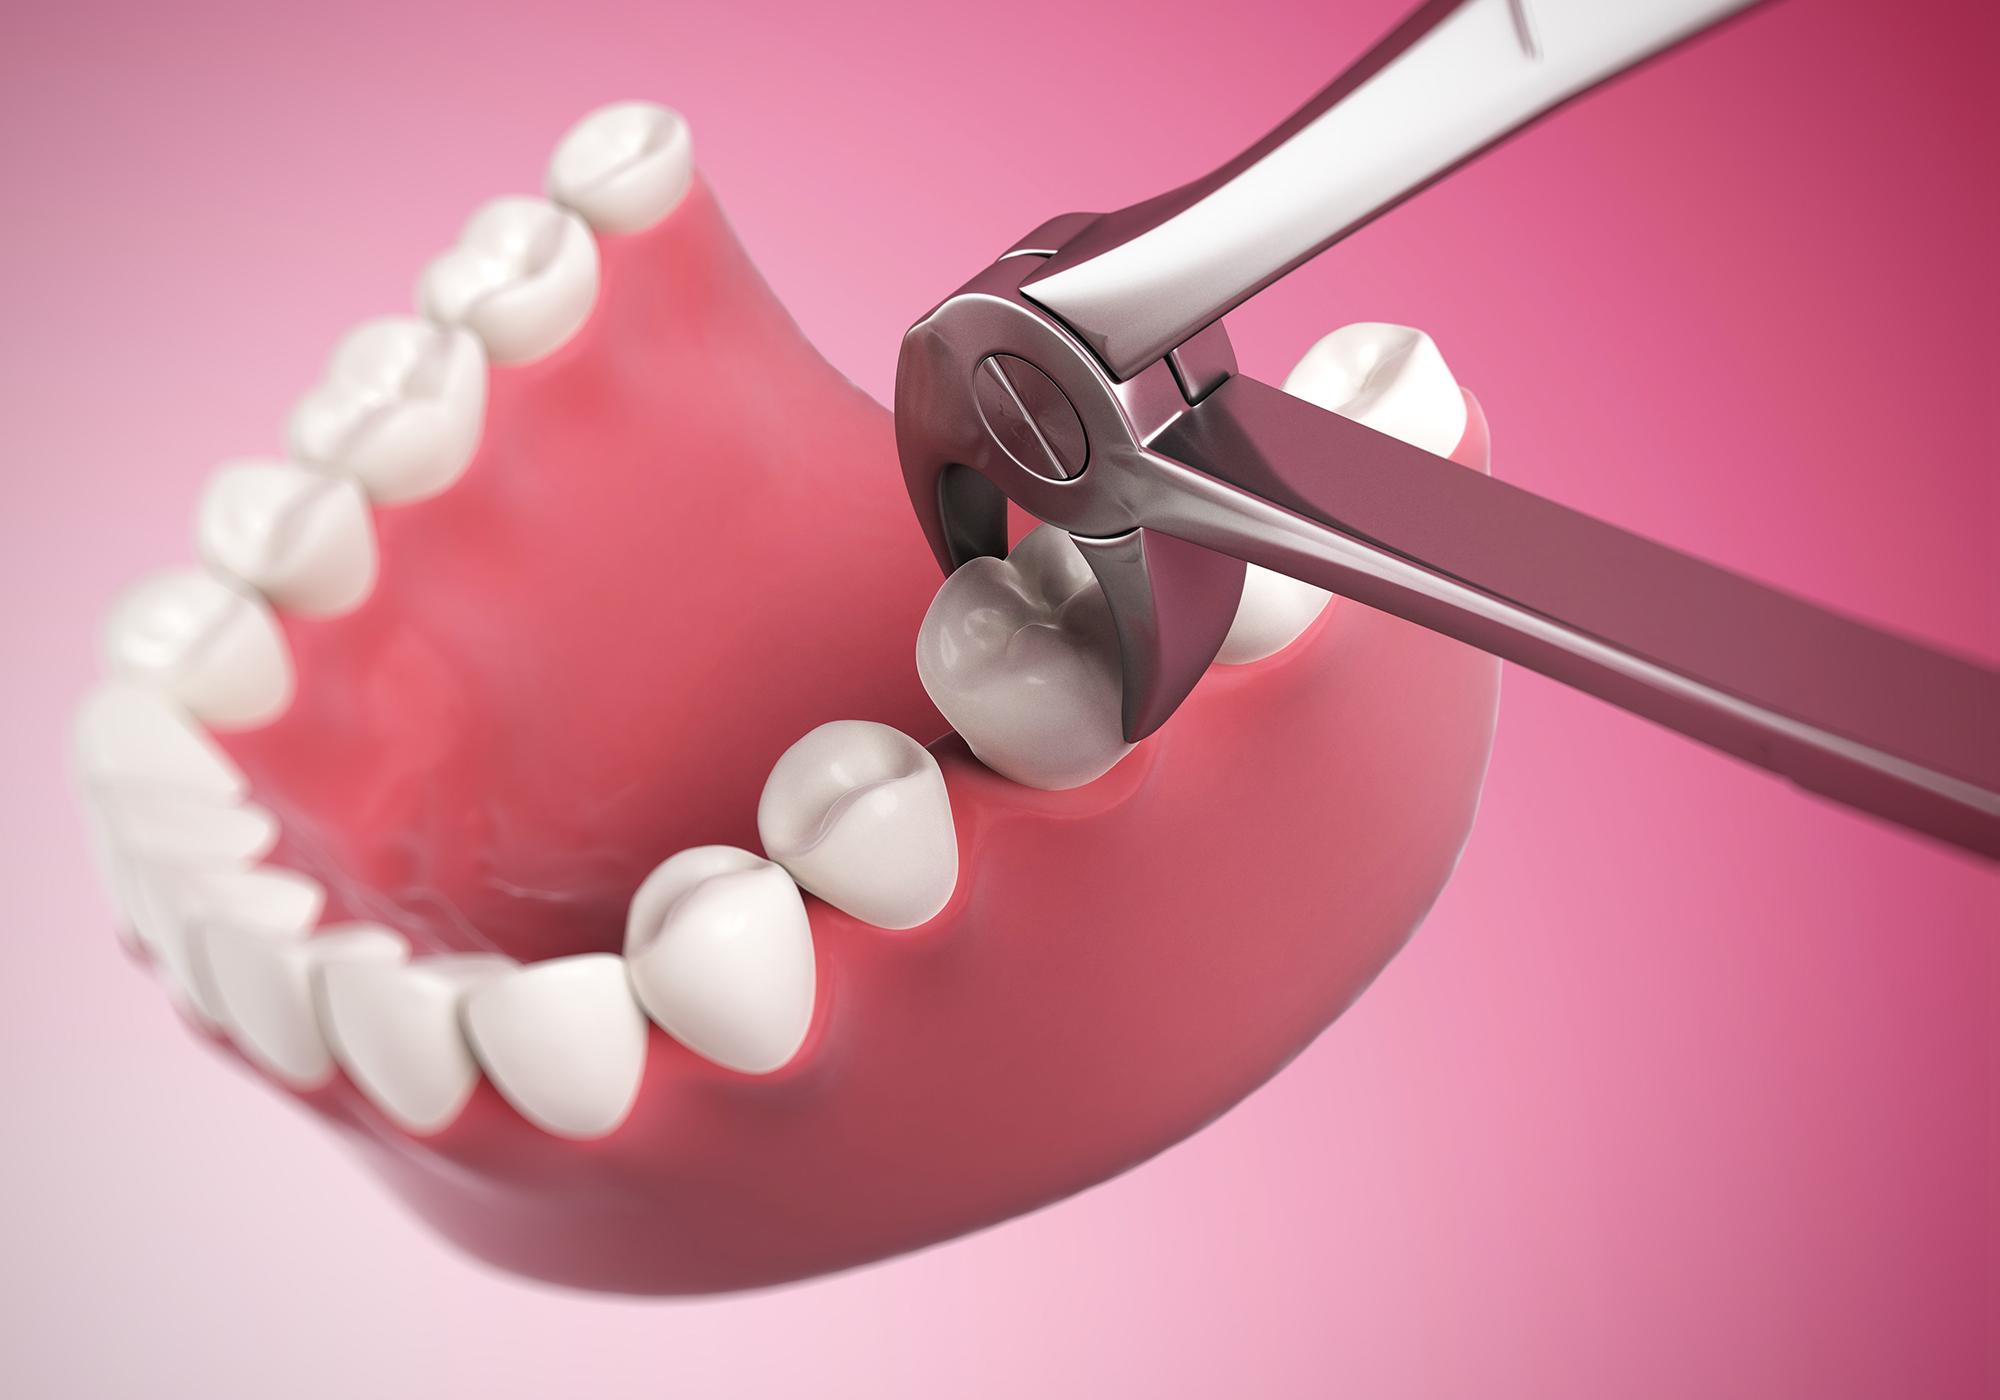 Когда можно пить алкоголь после удаления зуба?